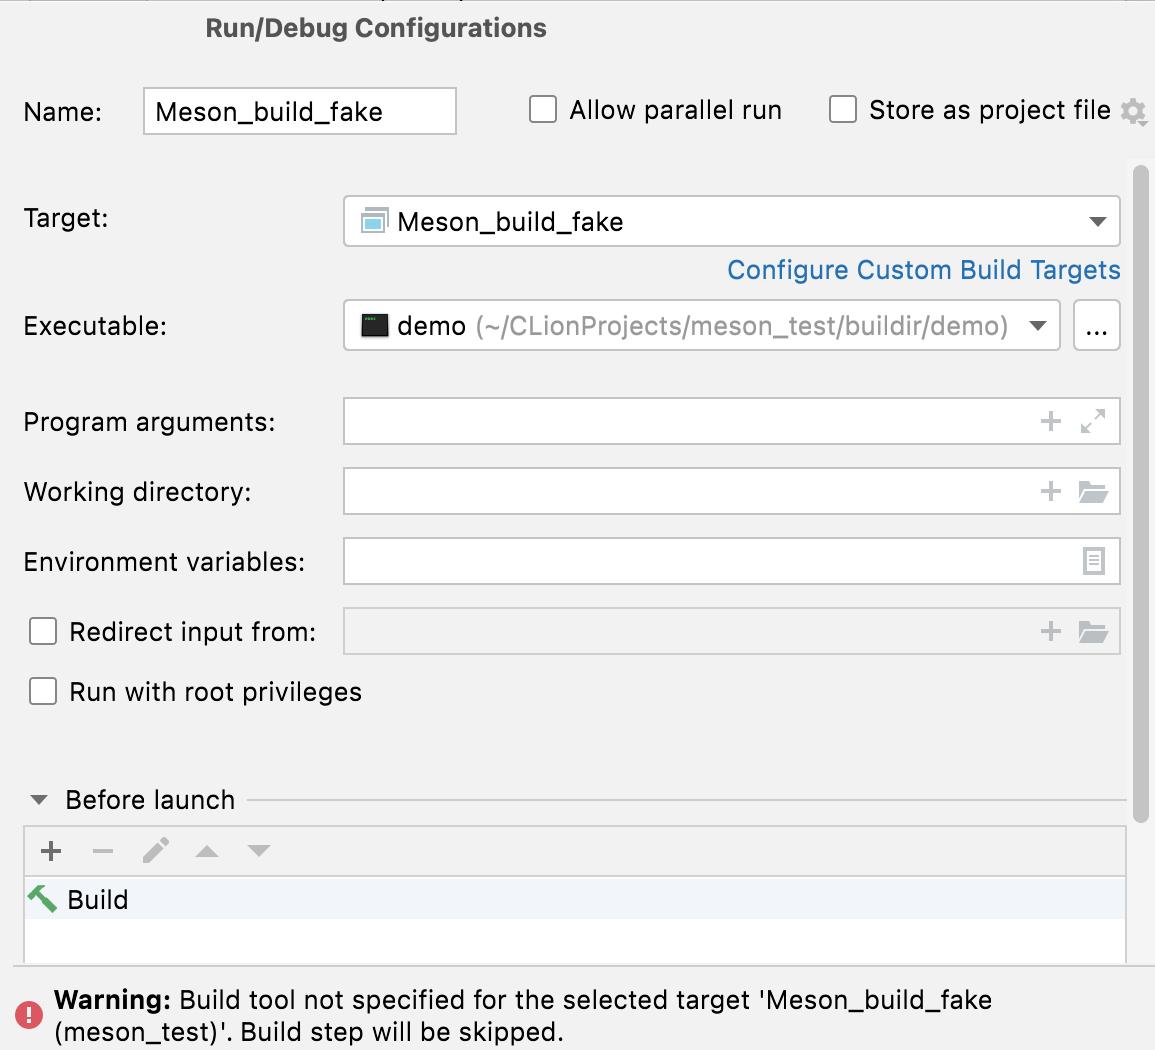 Custom run/debug configuration